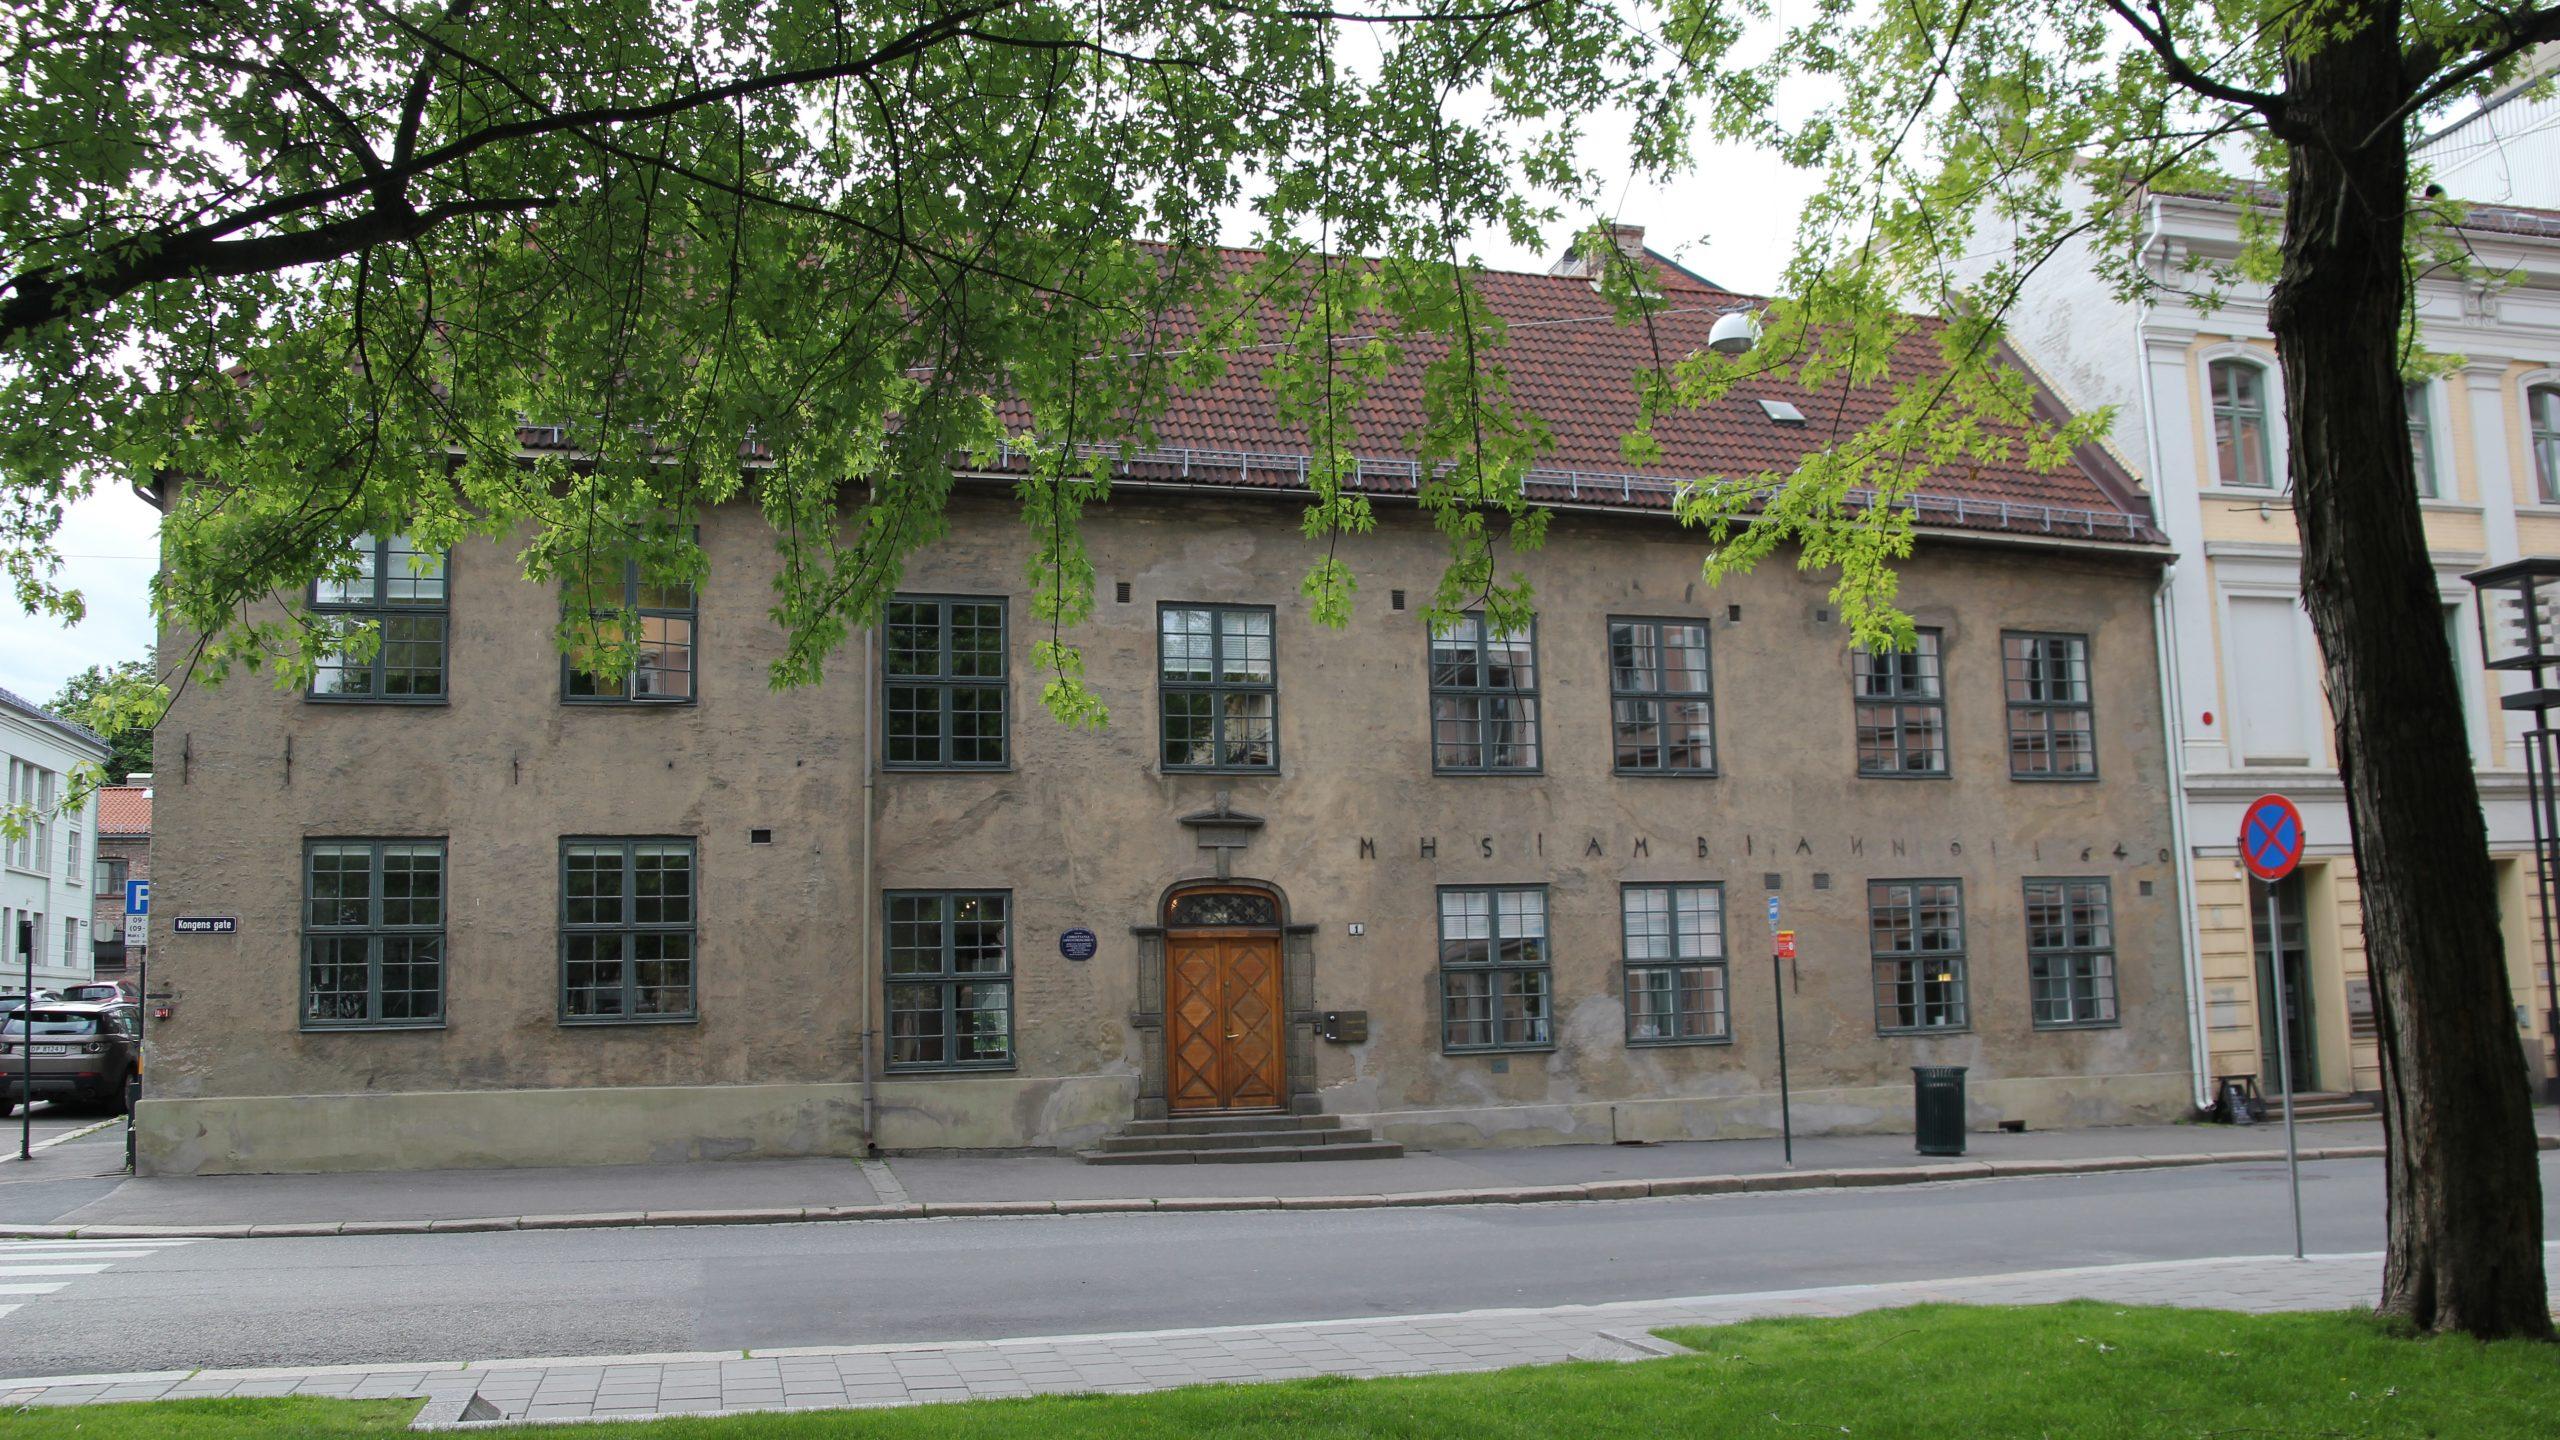 Bilde av Kongens Gate 1 Oslo. Foto: Ingrid Melgård, Riksantikvaren